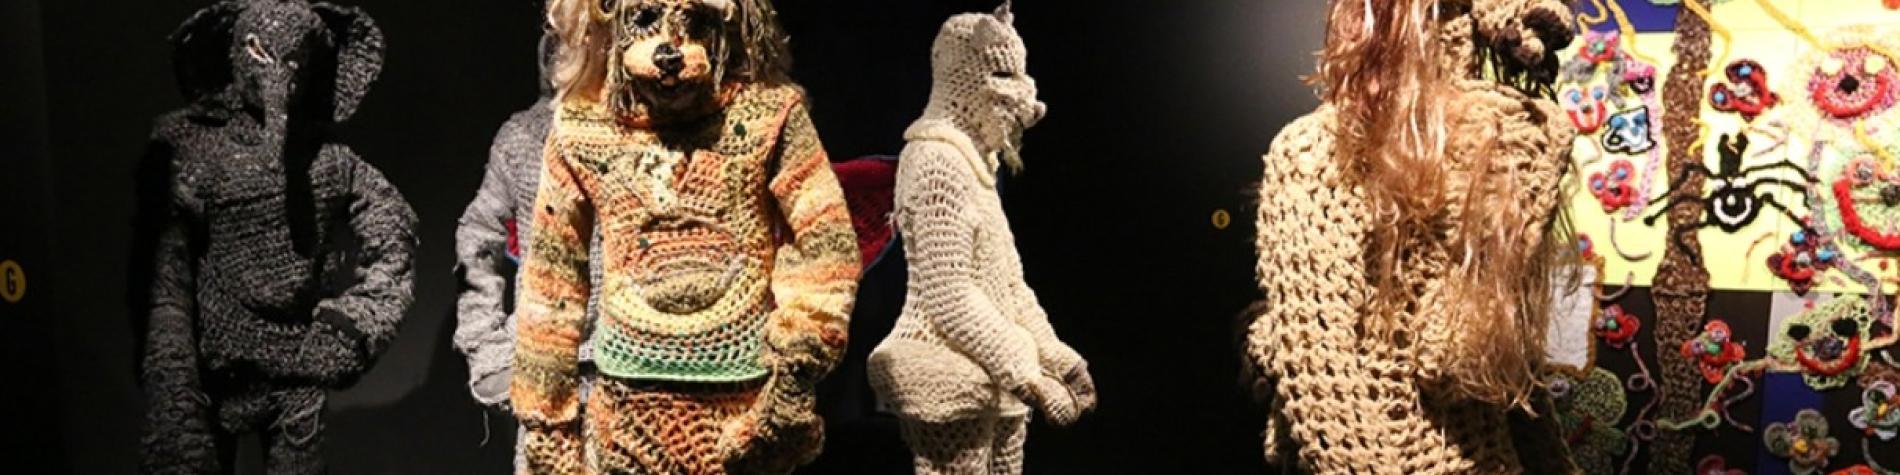 Exposition VISIONS - Musée international du Carnaval et du Masque